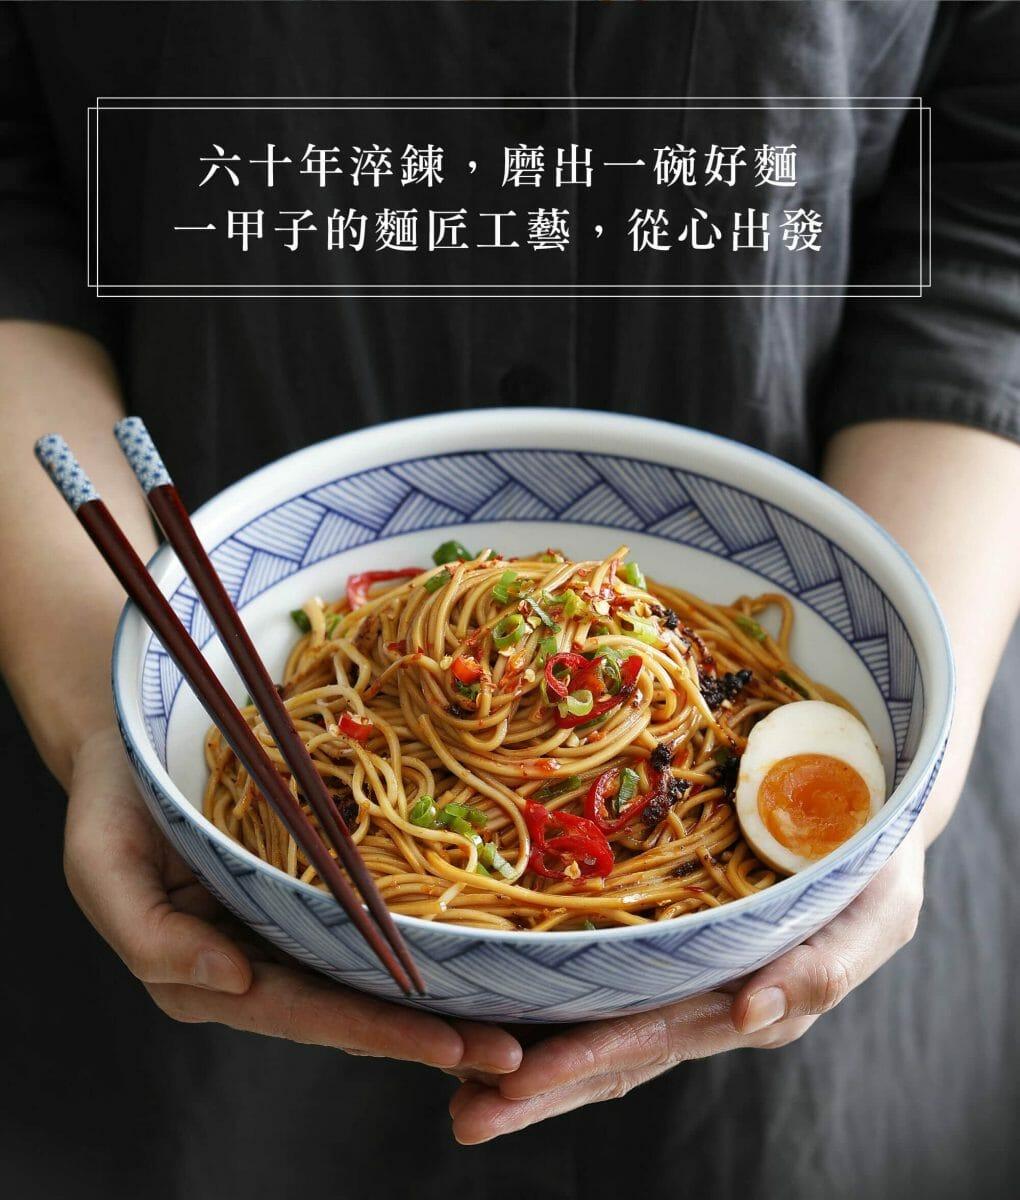 辣椒乾拌麵(香蒜黃金椒) - 7